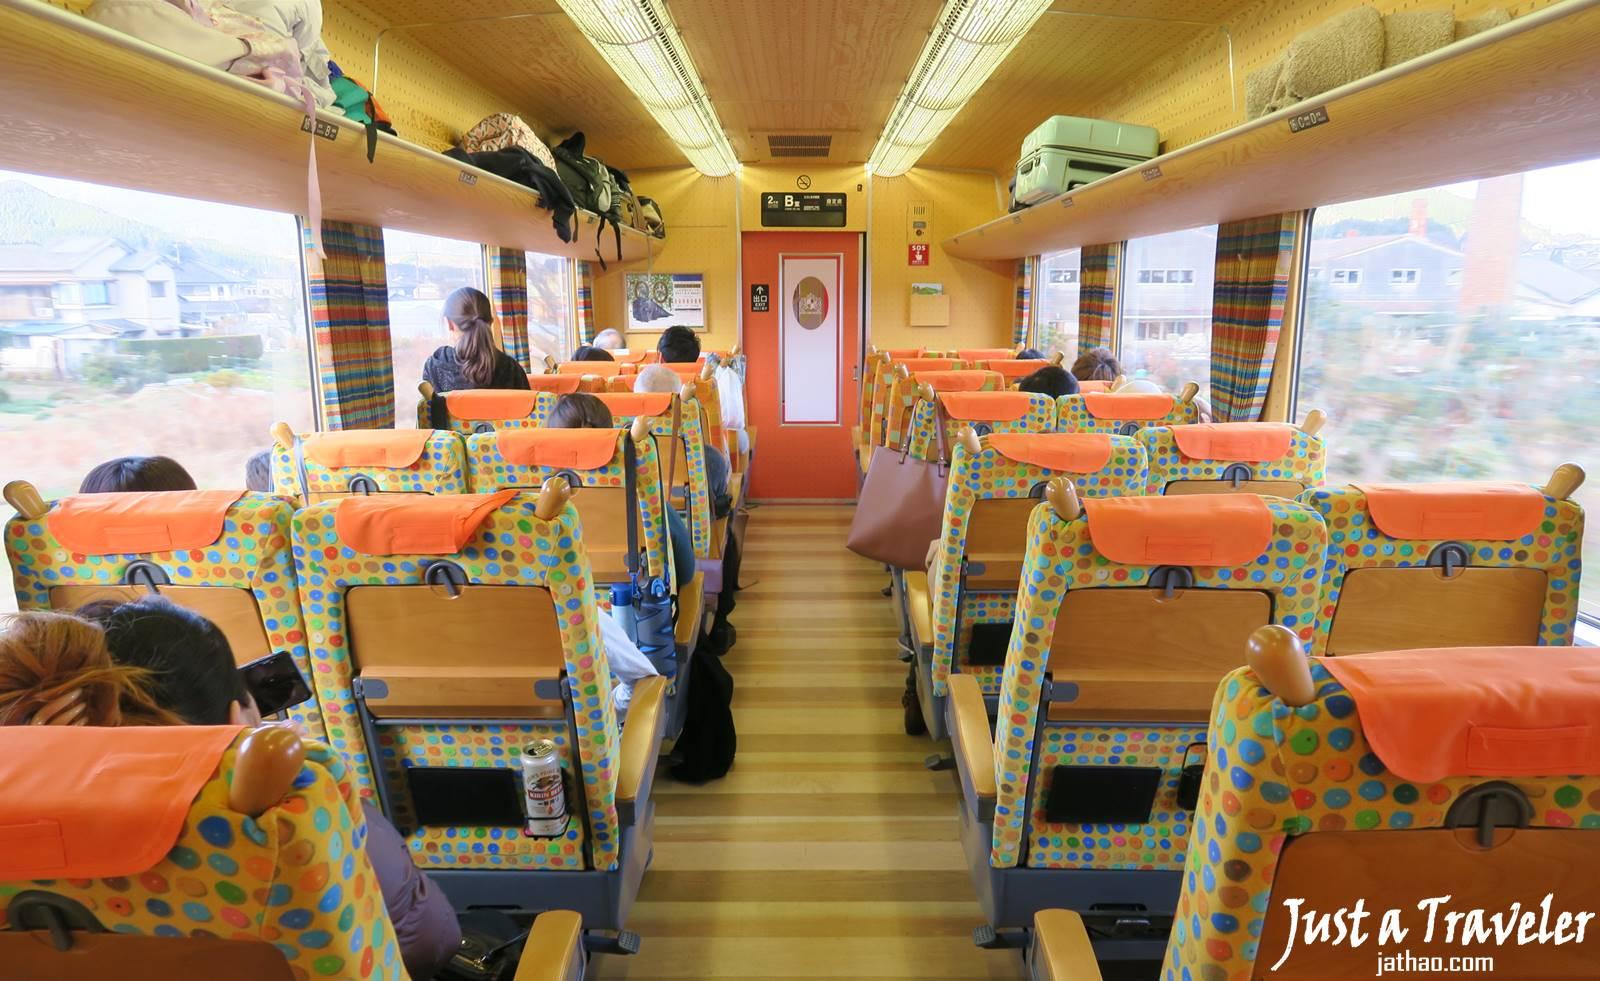 九州-特色觀光列車-推薦-D&S列車-豪斯登堡-攻略-特色列車預訂-觀光列車-火車-JR-交通-Kyushu